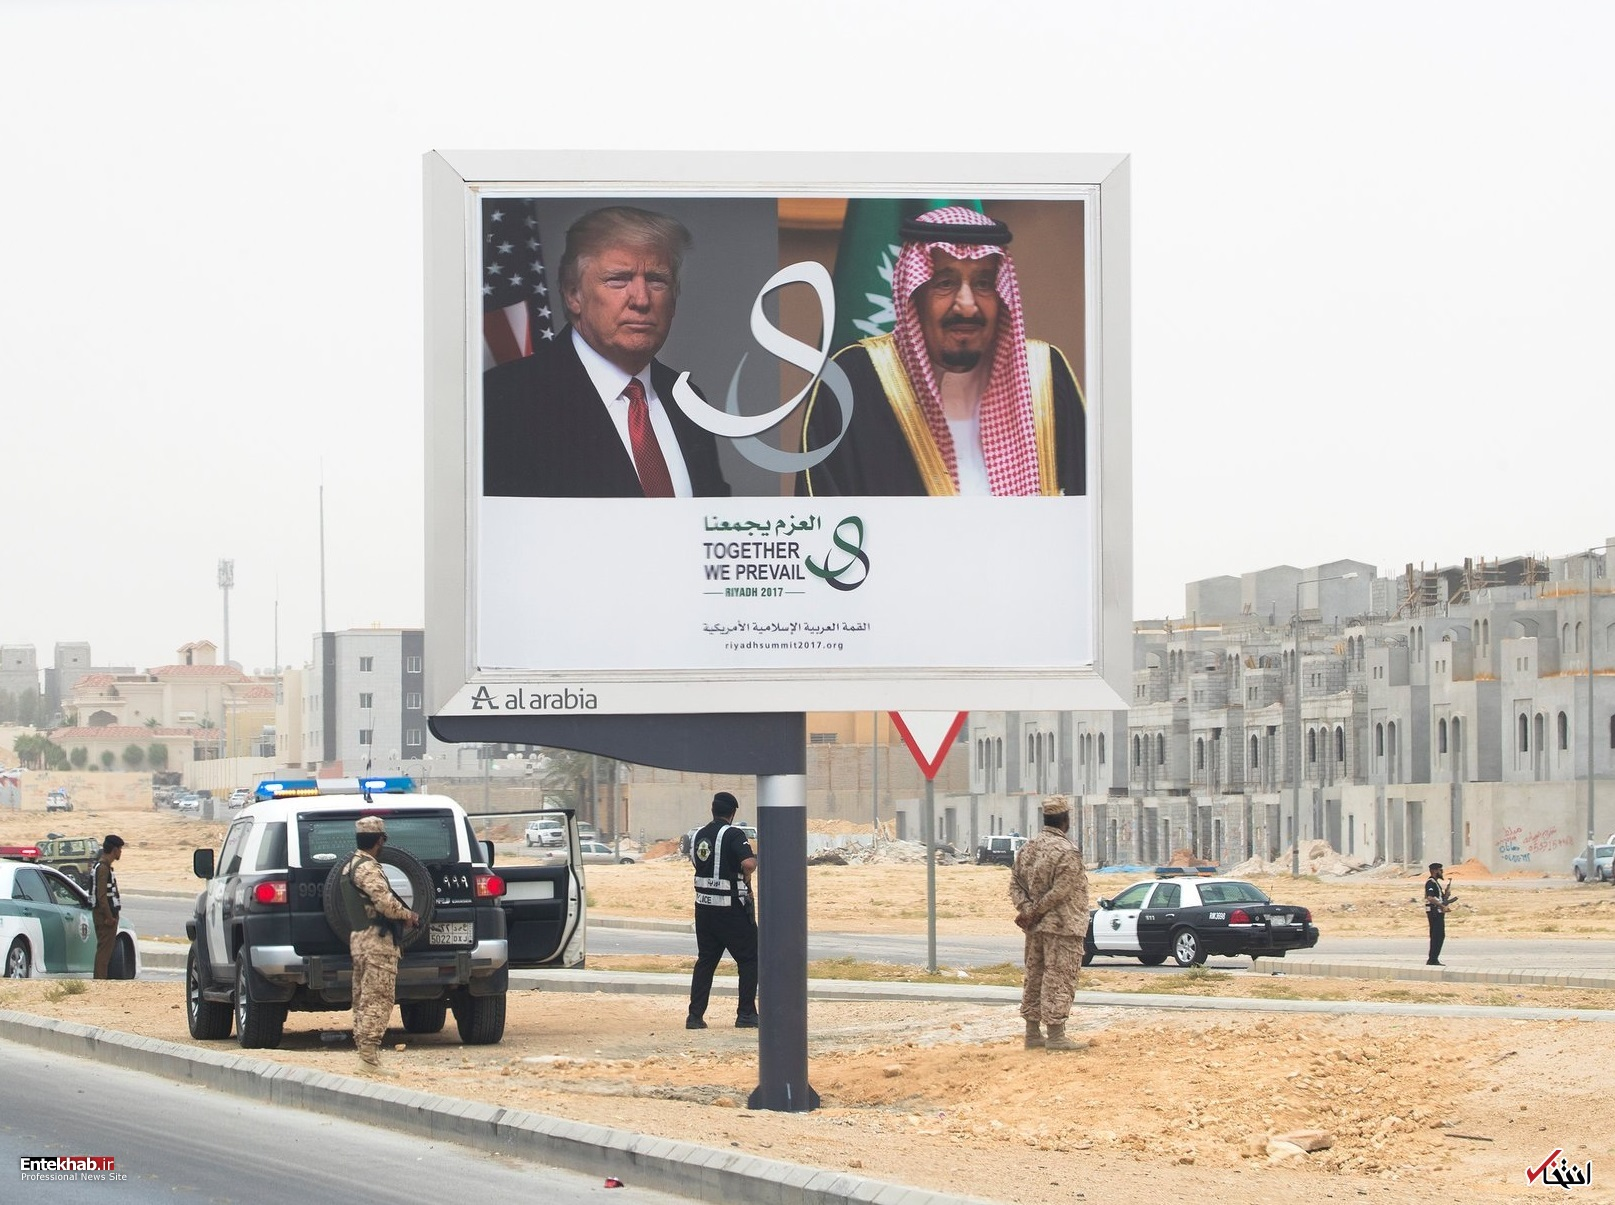 بمب اتمی سعودی؛ ساخته میشود یا خریداری؟ / آیا ریاض روی پاکستان حساب کرده است؟ / واکنش اسرائیل به «عربستانِ اتمی» چیست؟